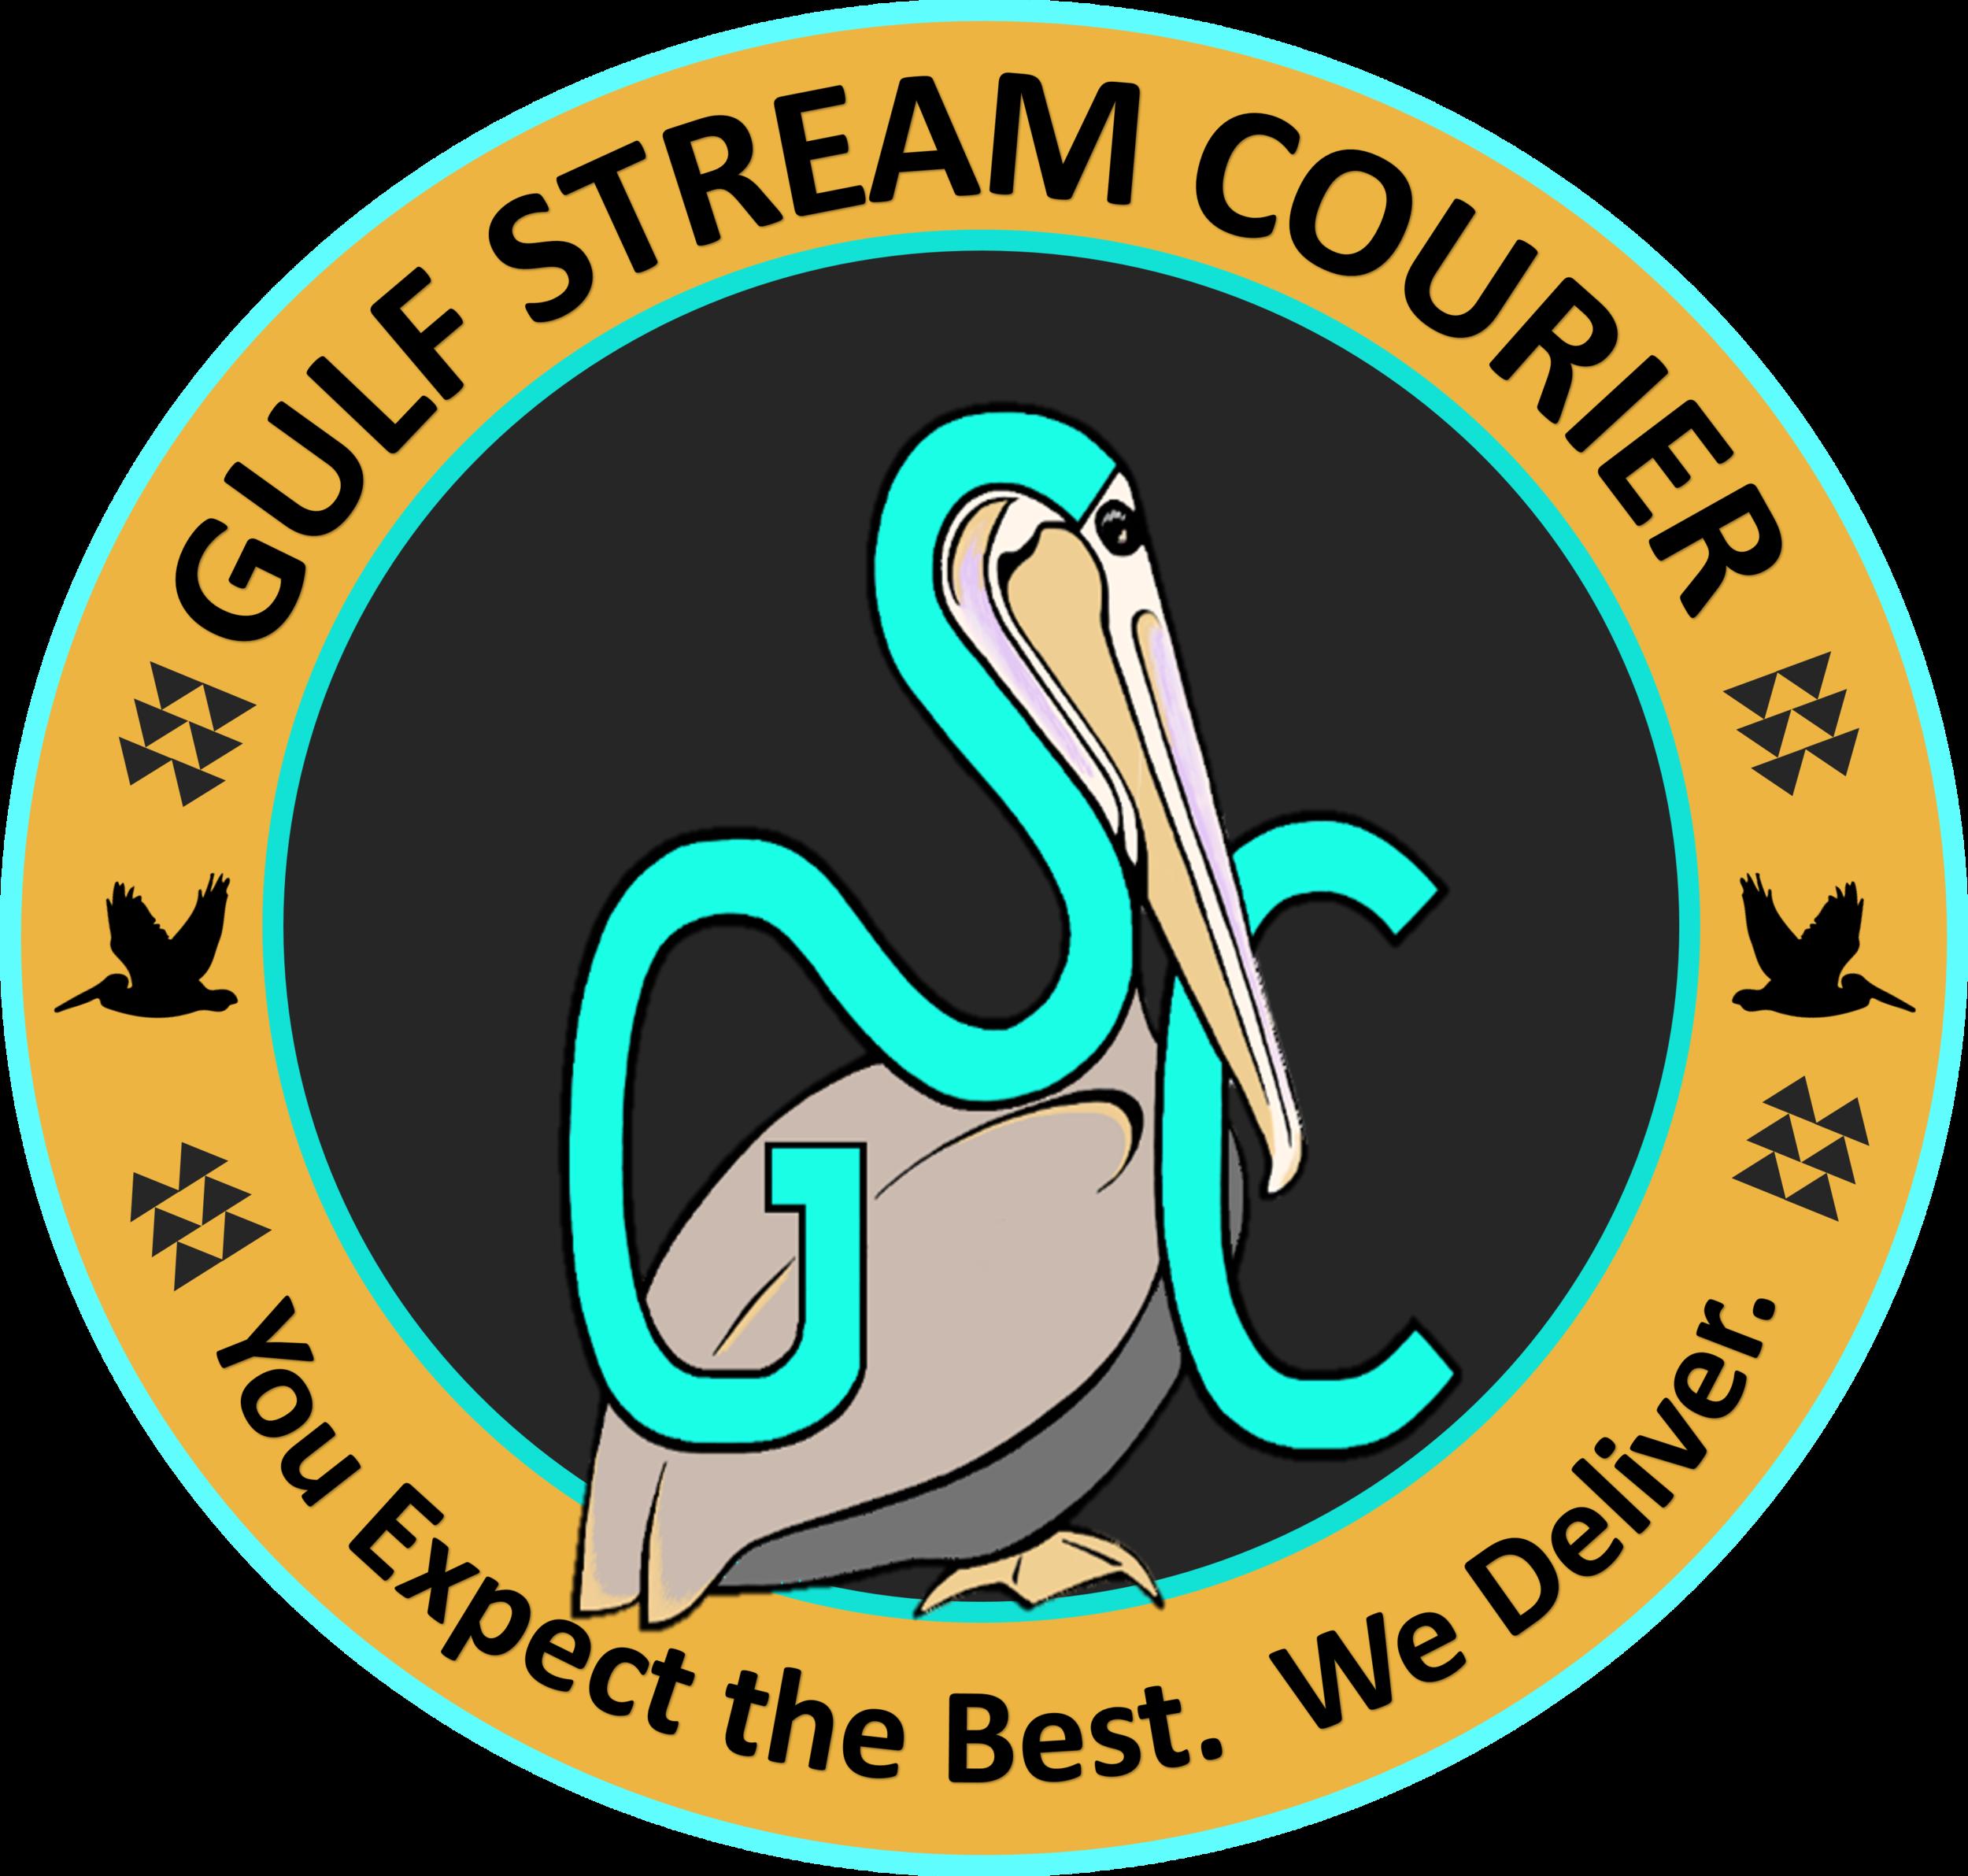 Gulf Stream Courier